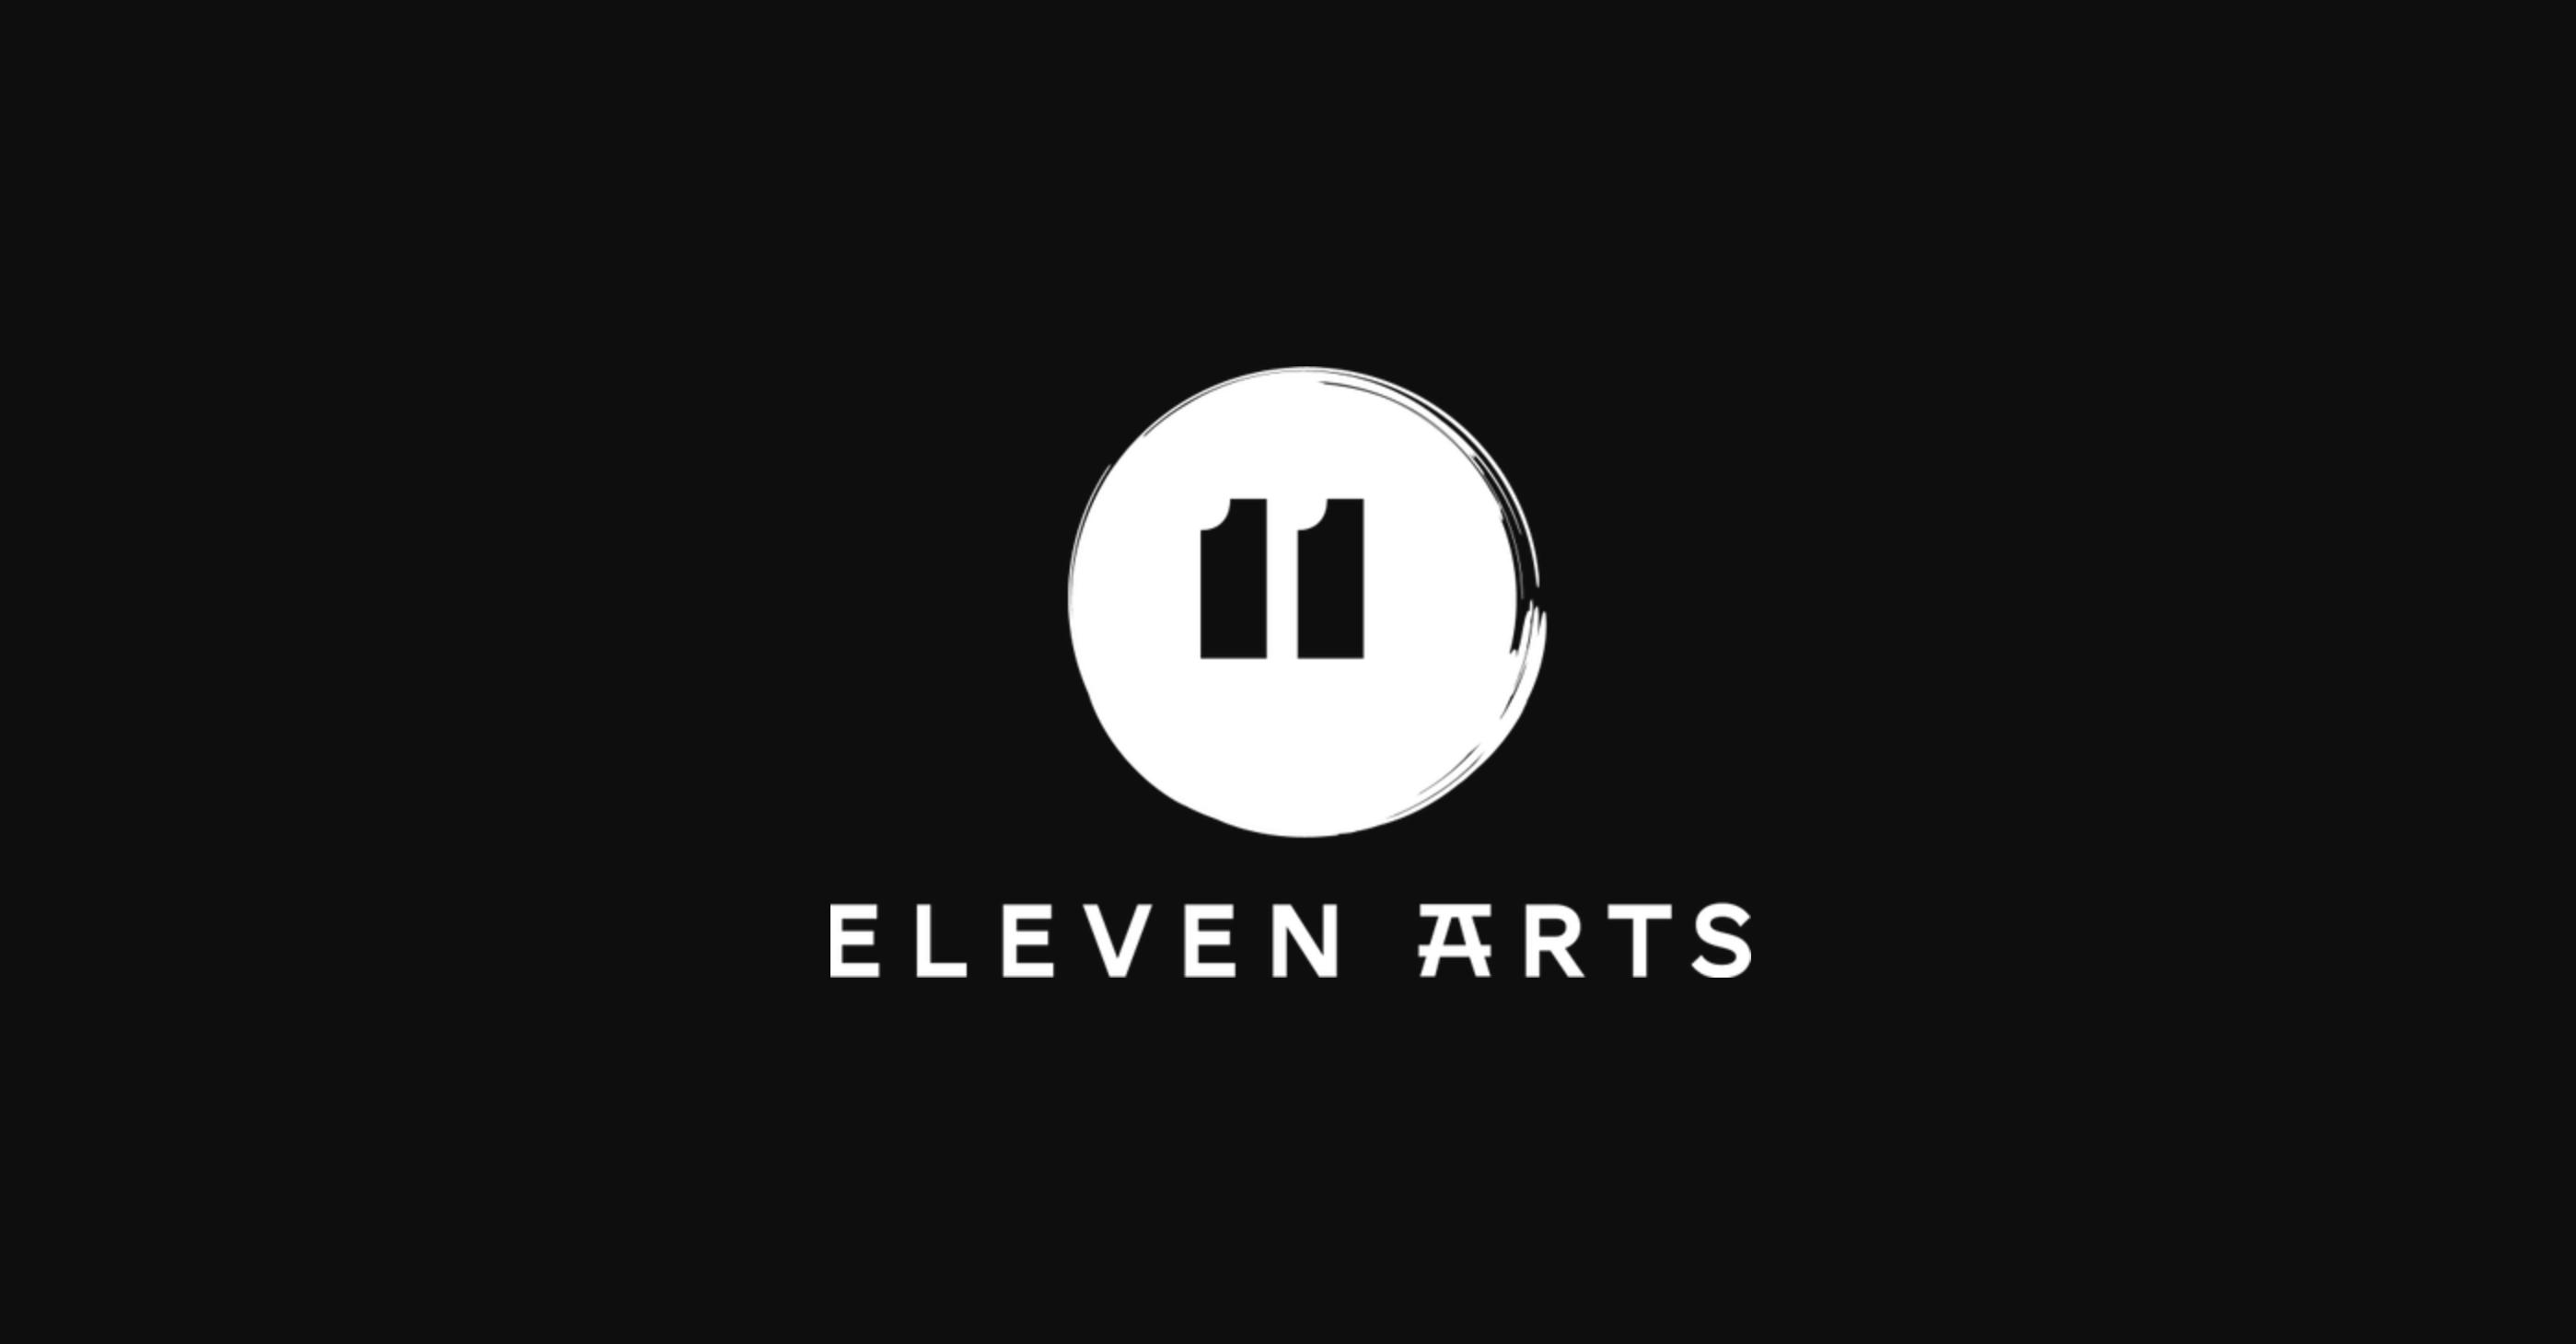 ElevenArts